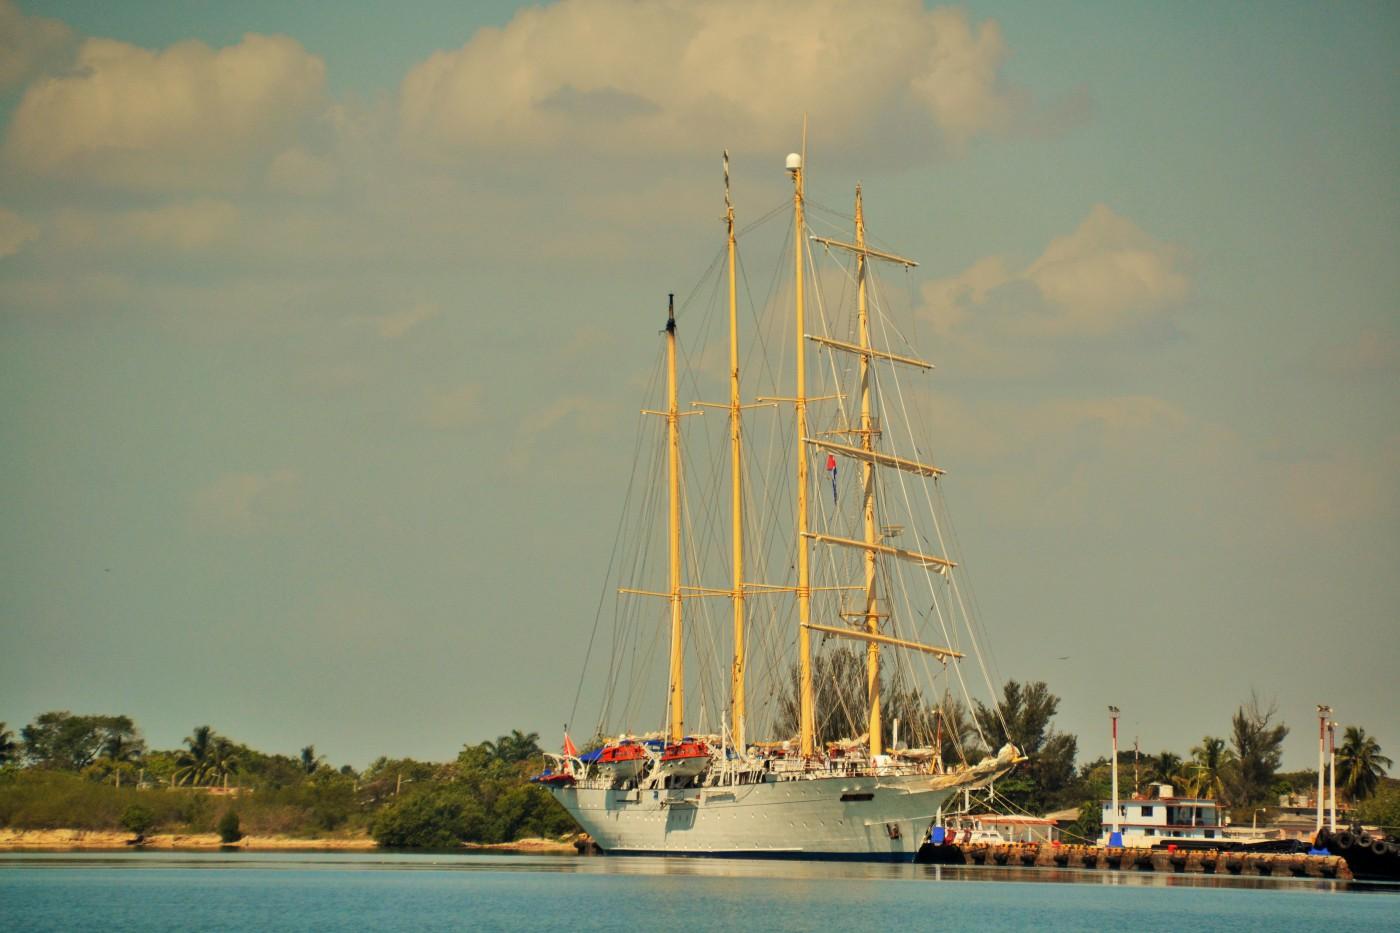 Die Star Flyer liegt im Hafen von Cienfuegos